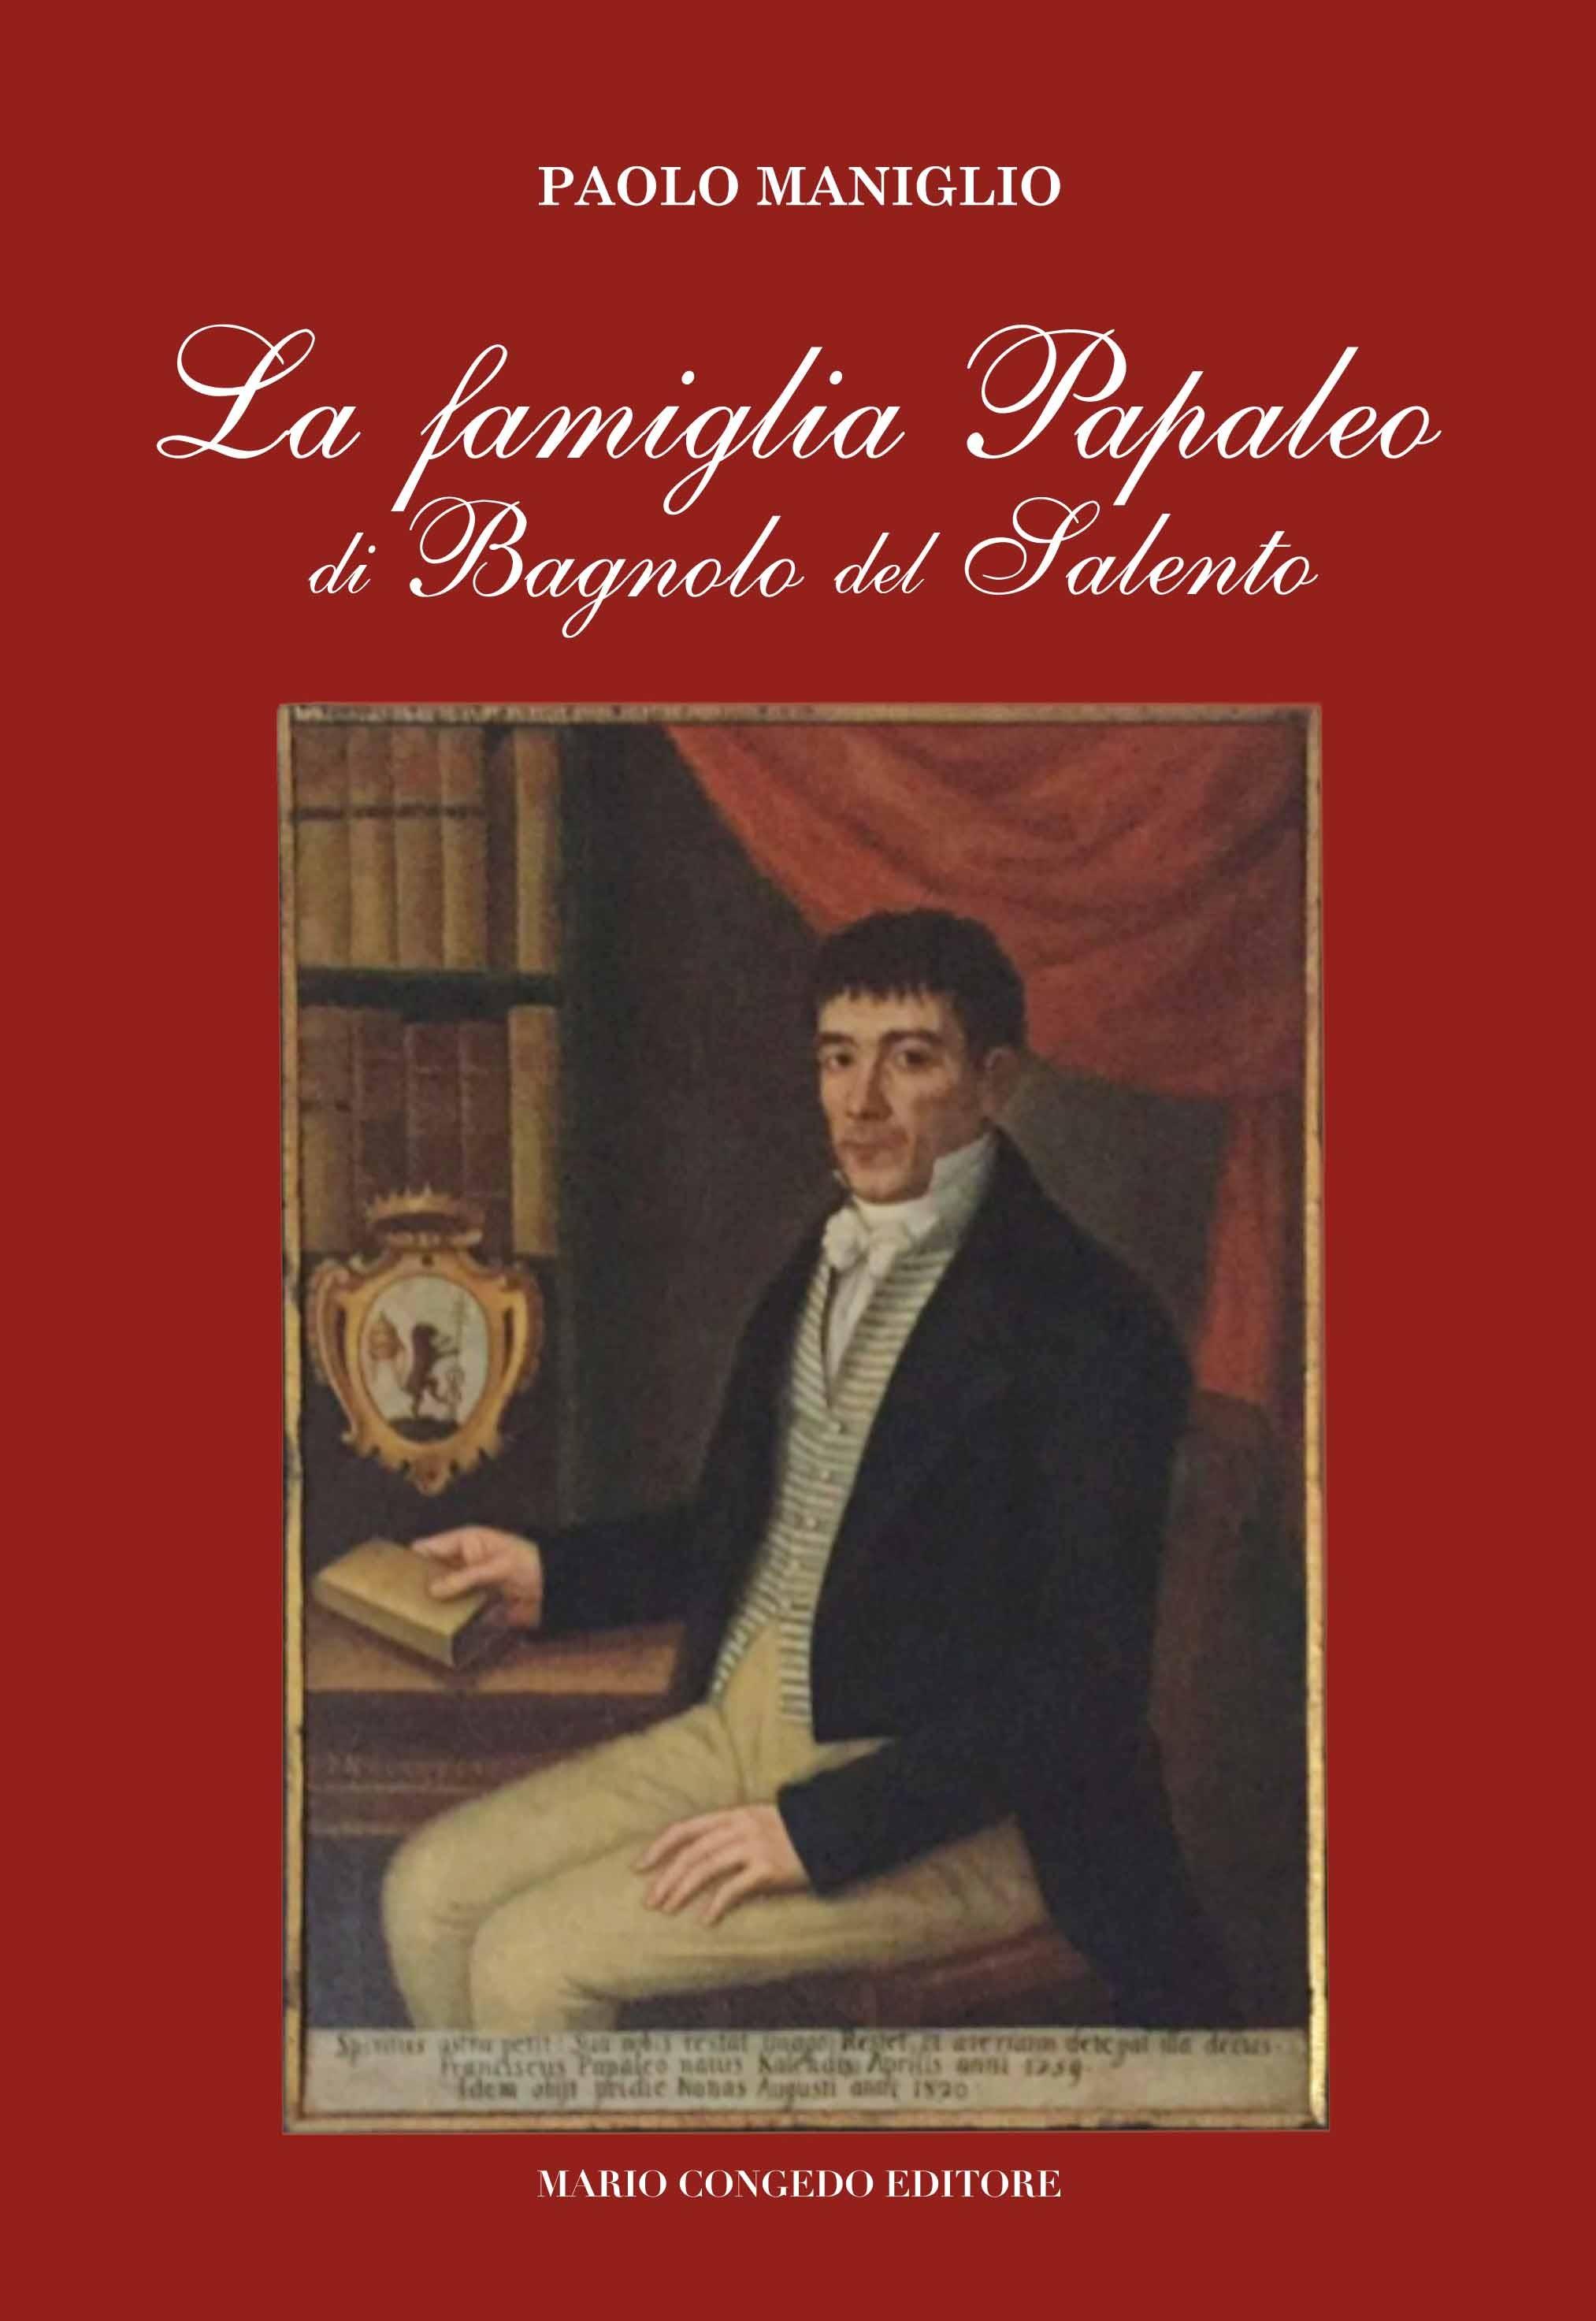 La famiglia Papaleo di Bagnolo del Salento